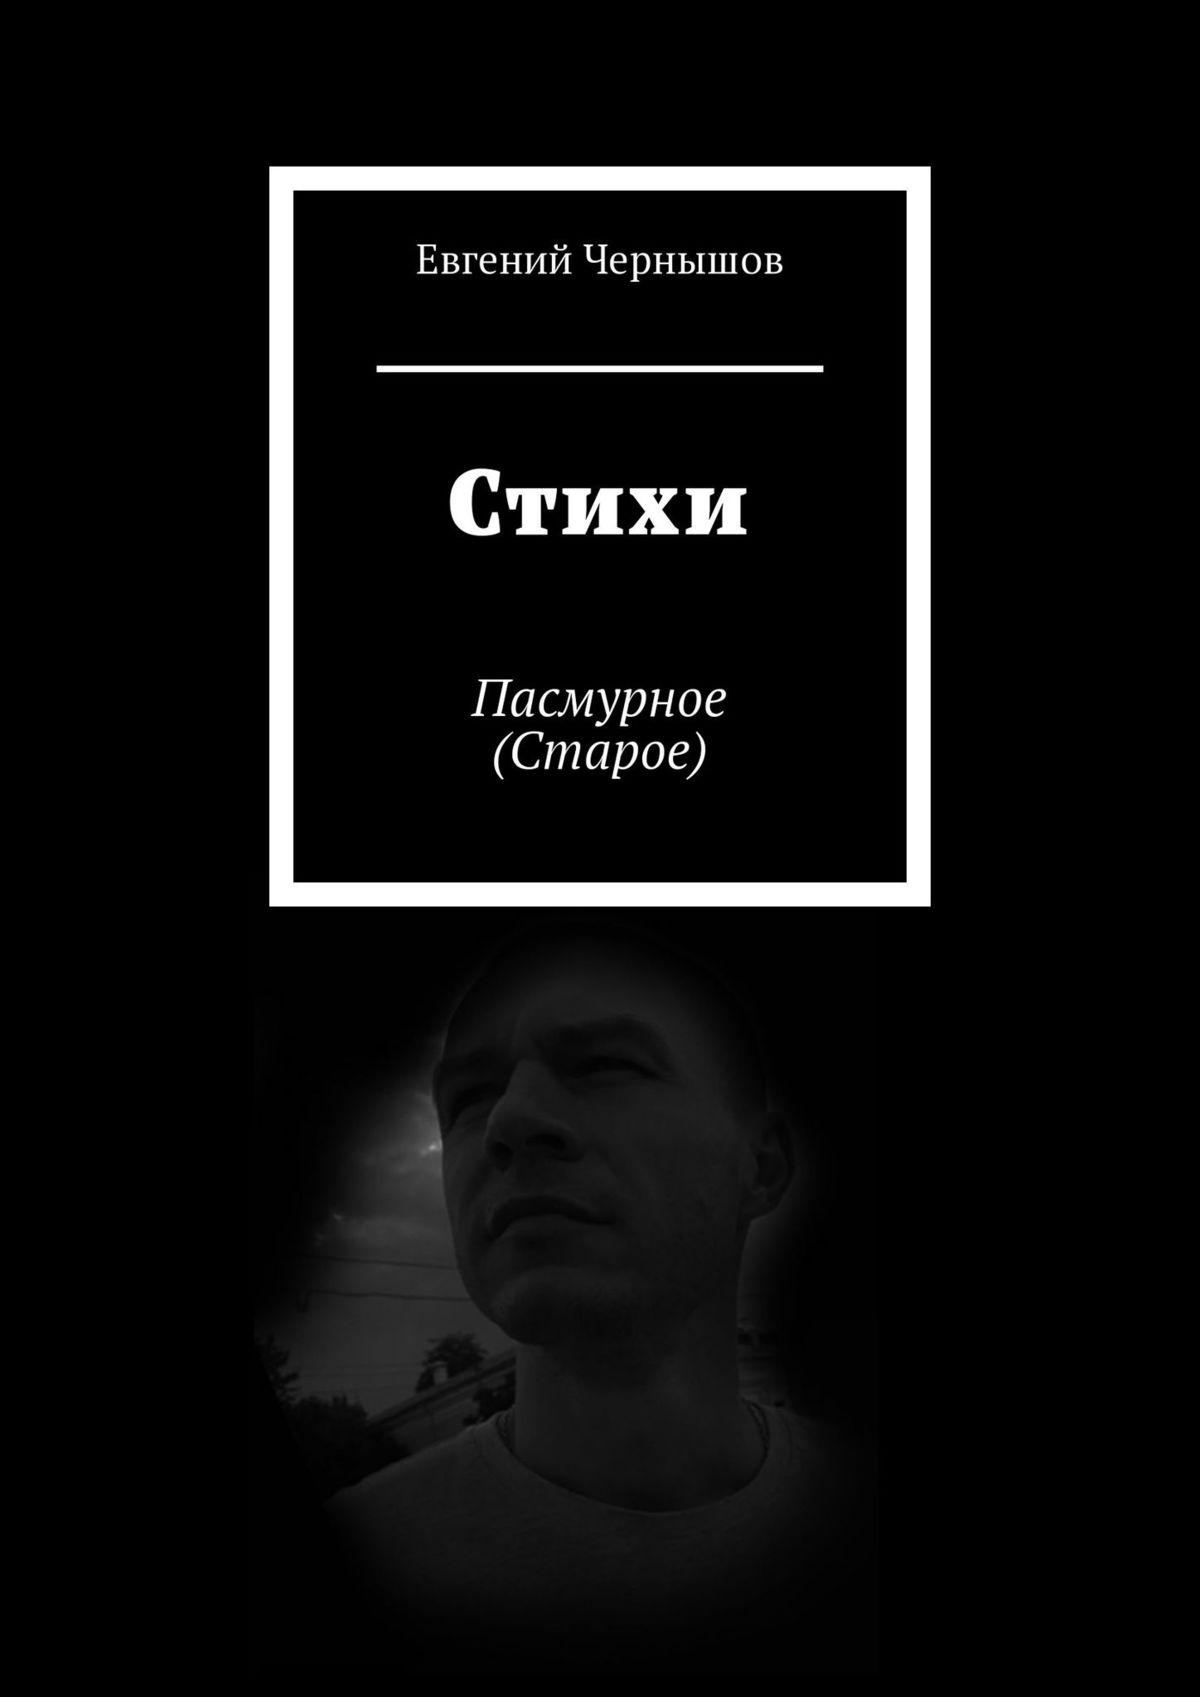 Евгений Чернышов - Стихи. Пасмурное (Старое)